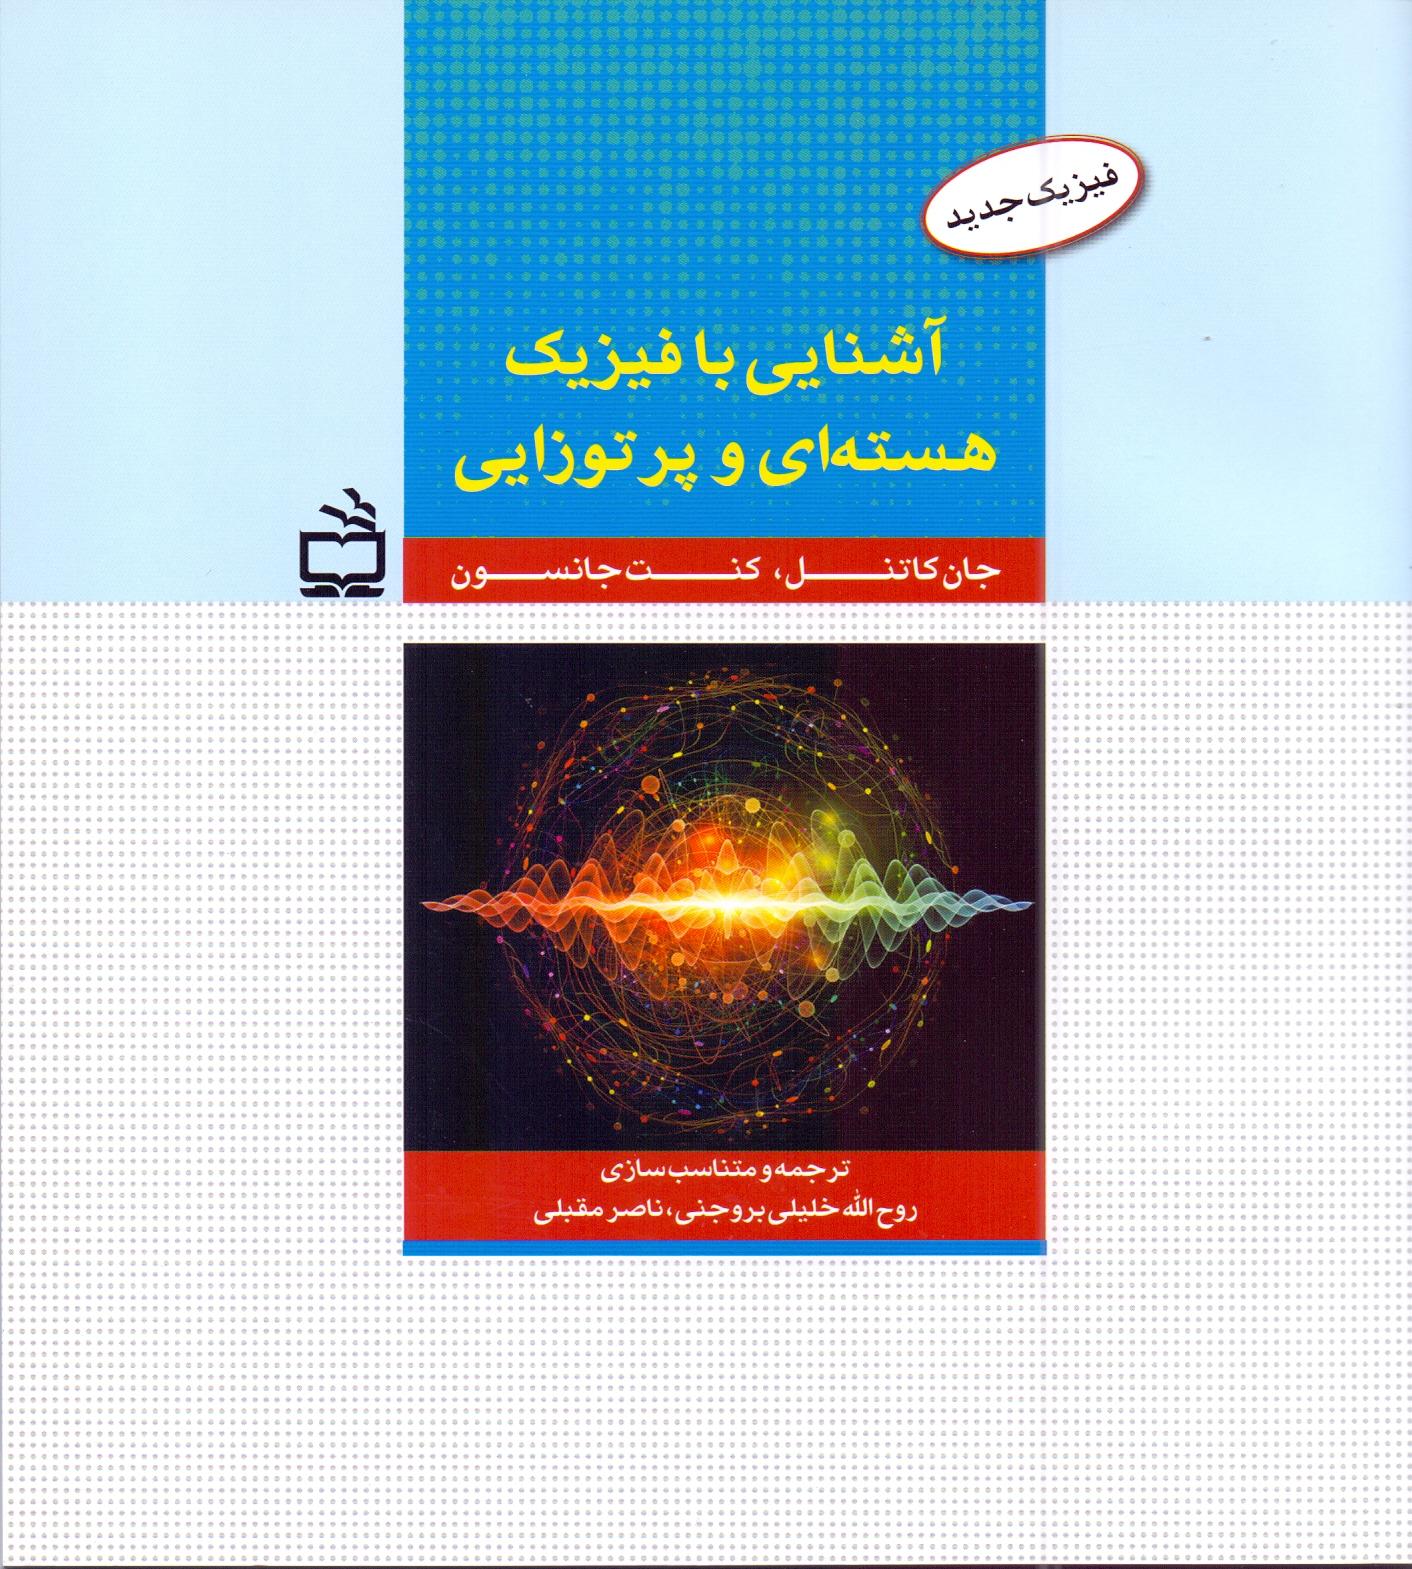 فیزیک جدید - آشنایی با فیزیک هستهای و پرتوزایی